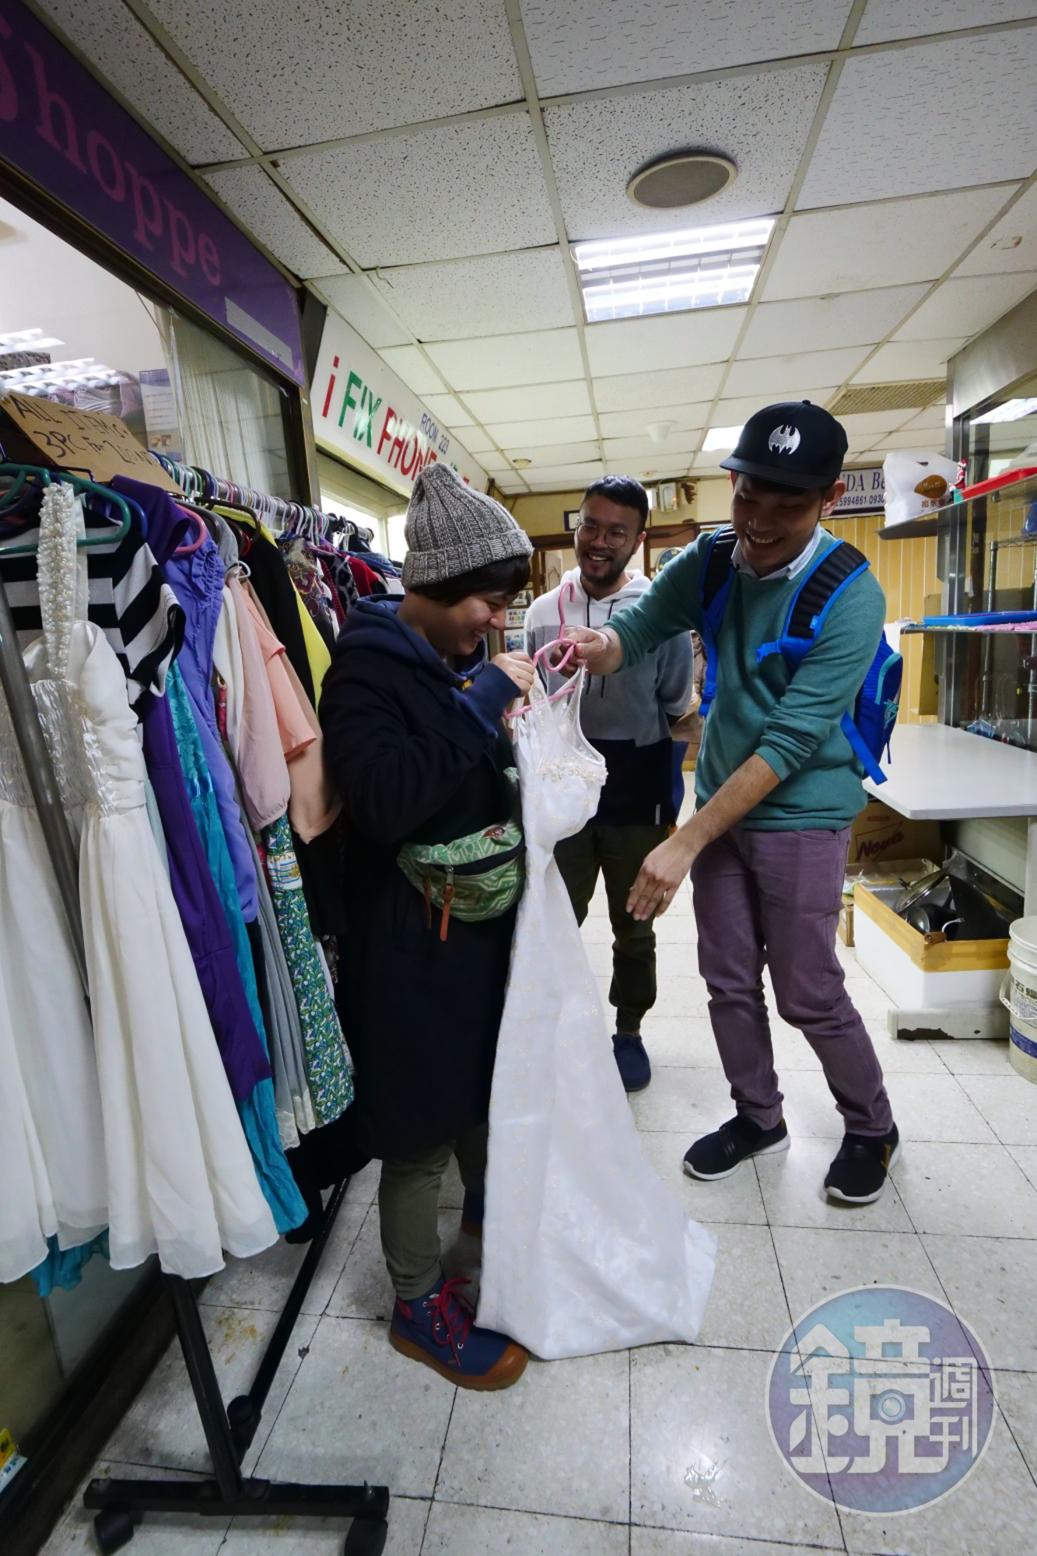 許多店鋪專賣二手衣,有品牌的衣服,價格相對便宜,也受到菲律賓人喜愛。